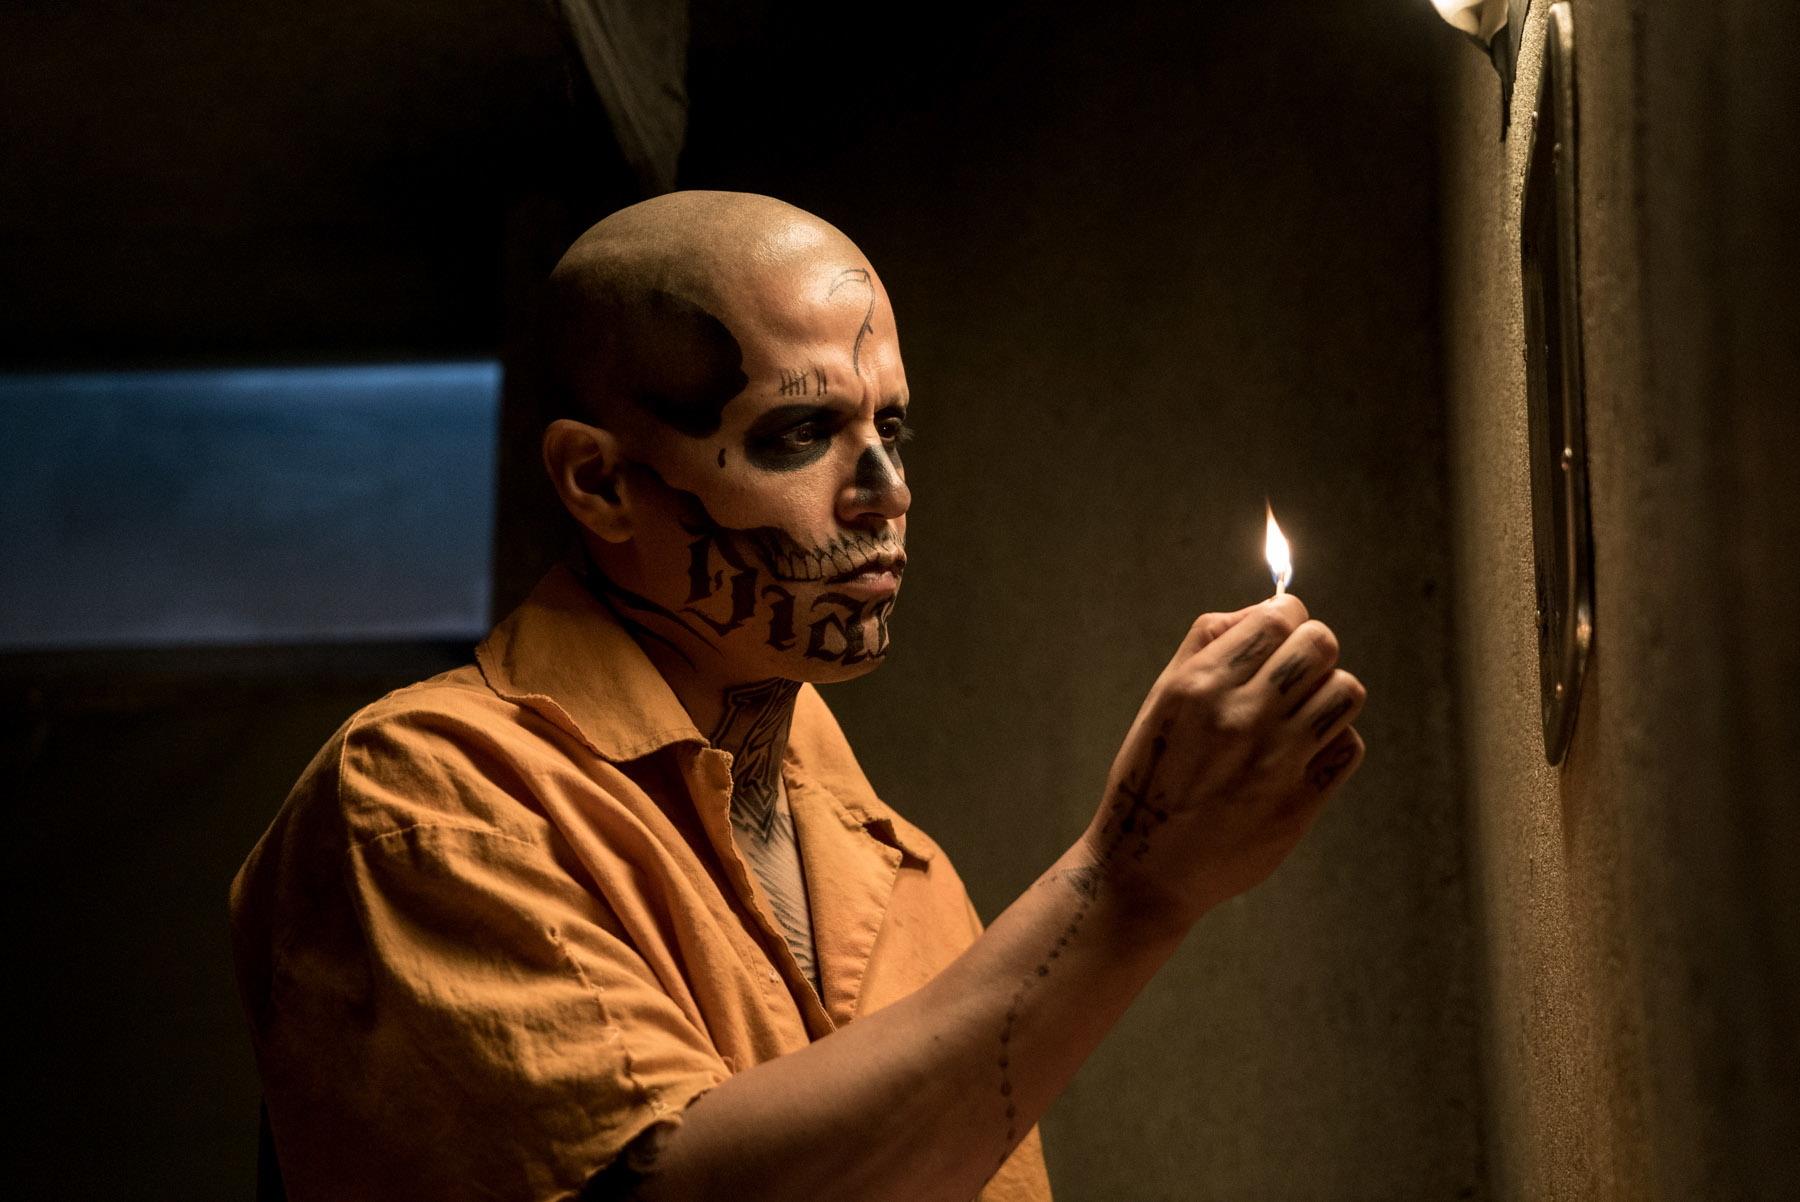 Jay Hernandez on El Diablo's tattoos: